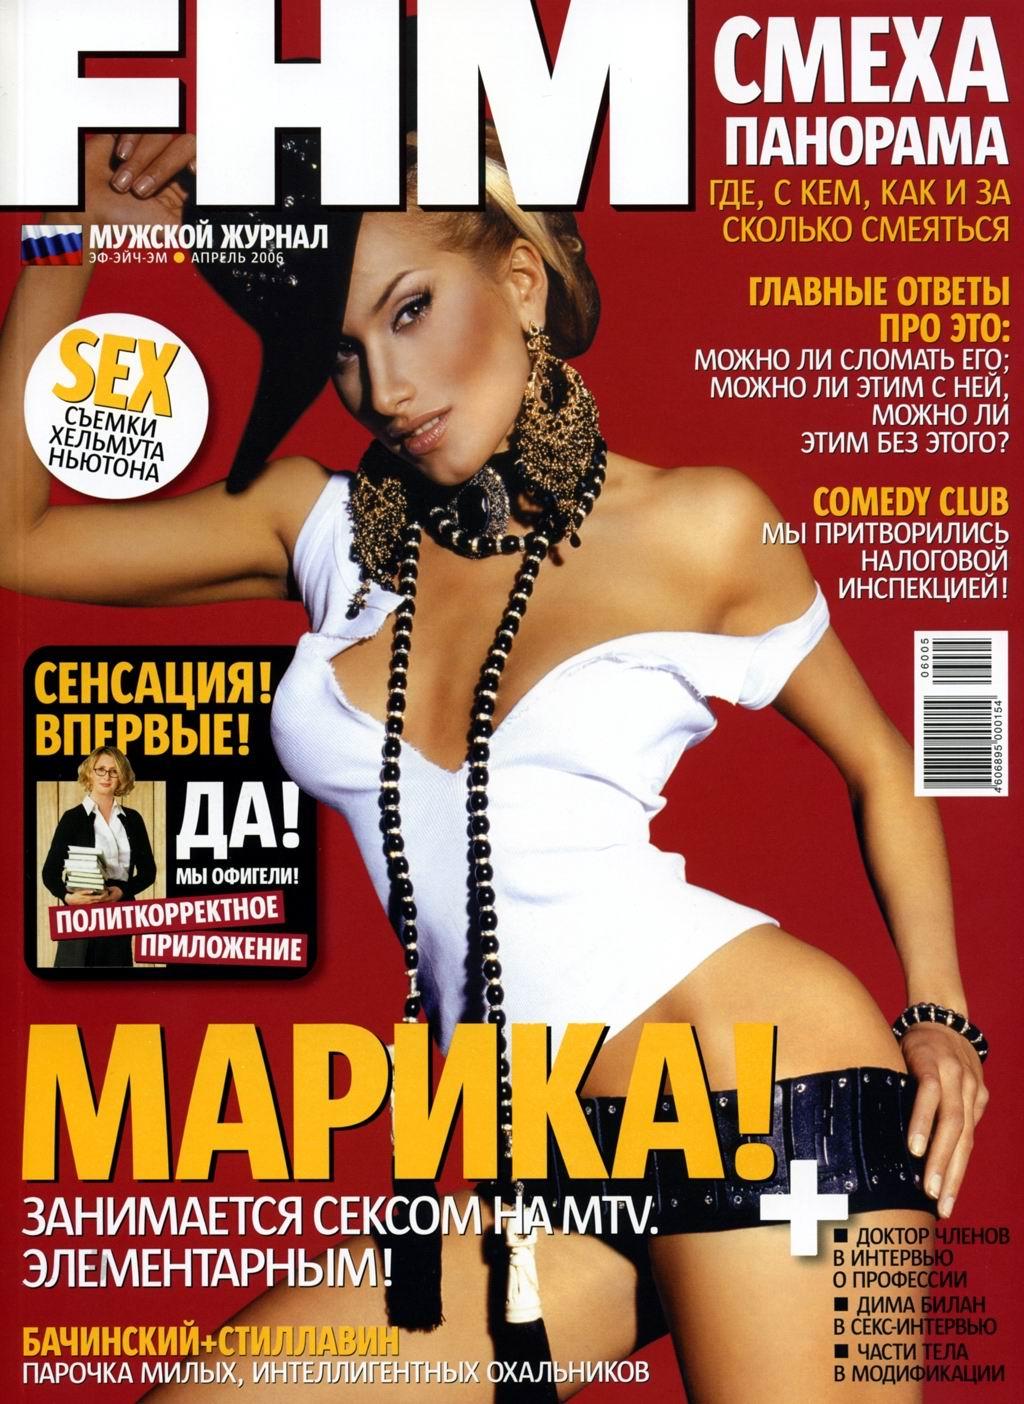 marika7.jpg - -